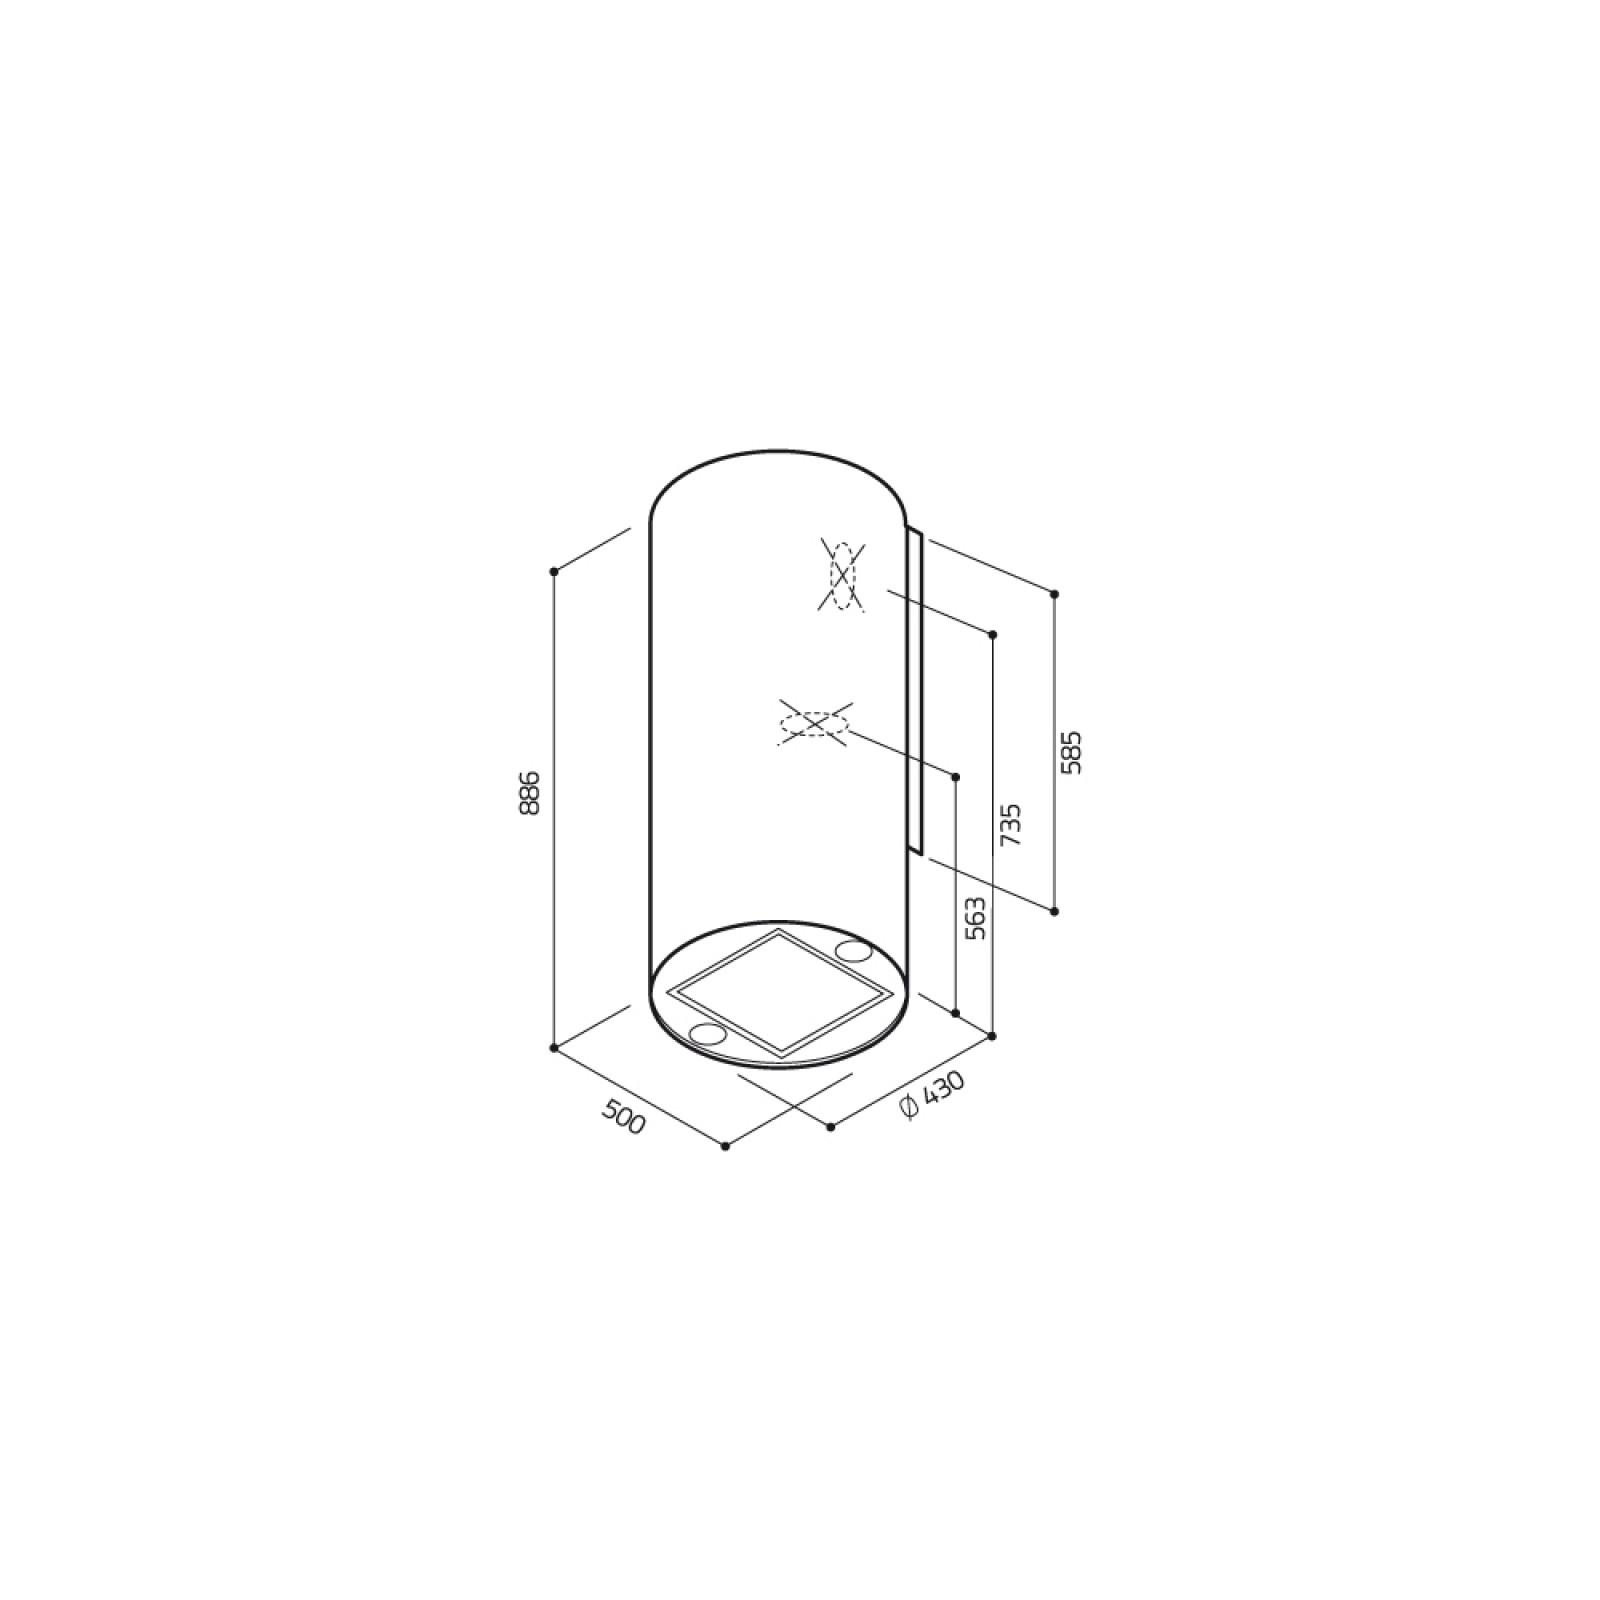 Вытяжка кухонная ELICA TUBE PRO IX/A/43 изображение 2